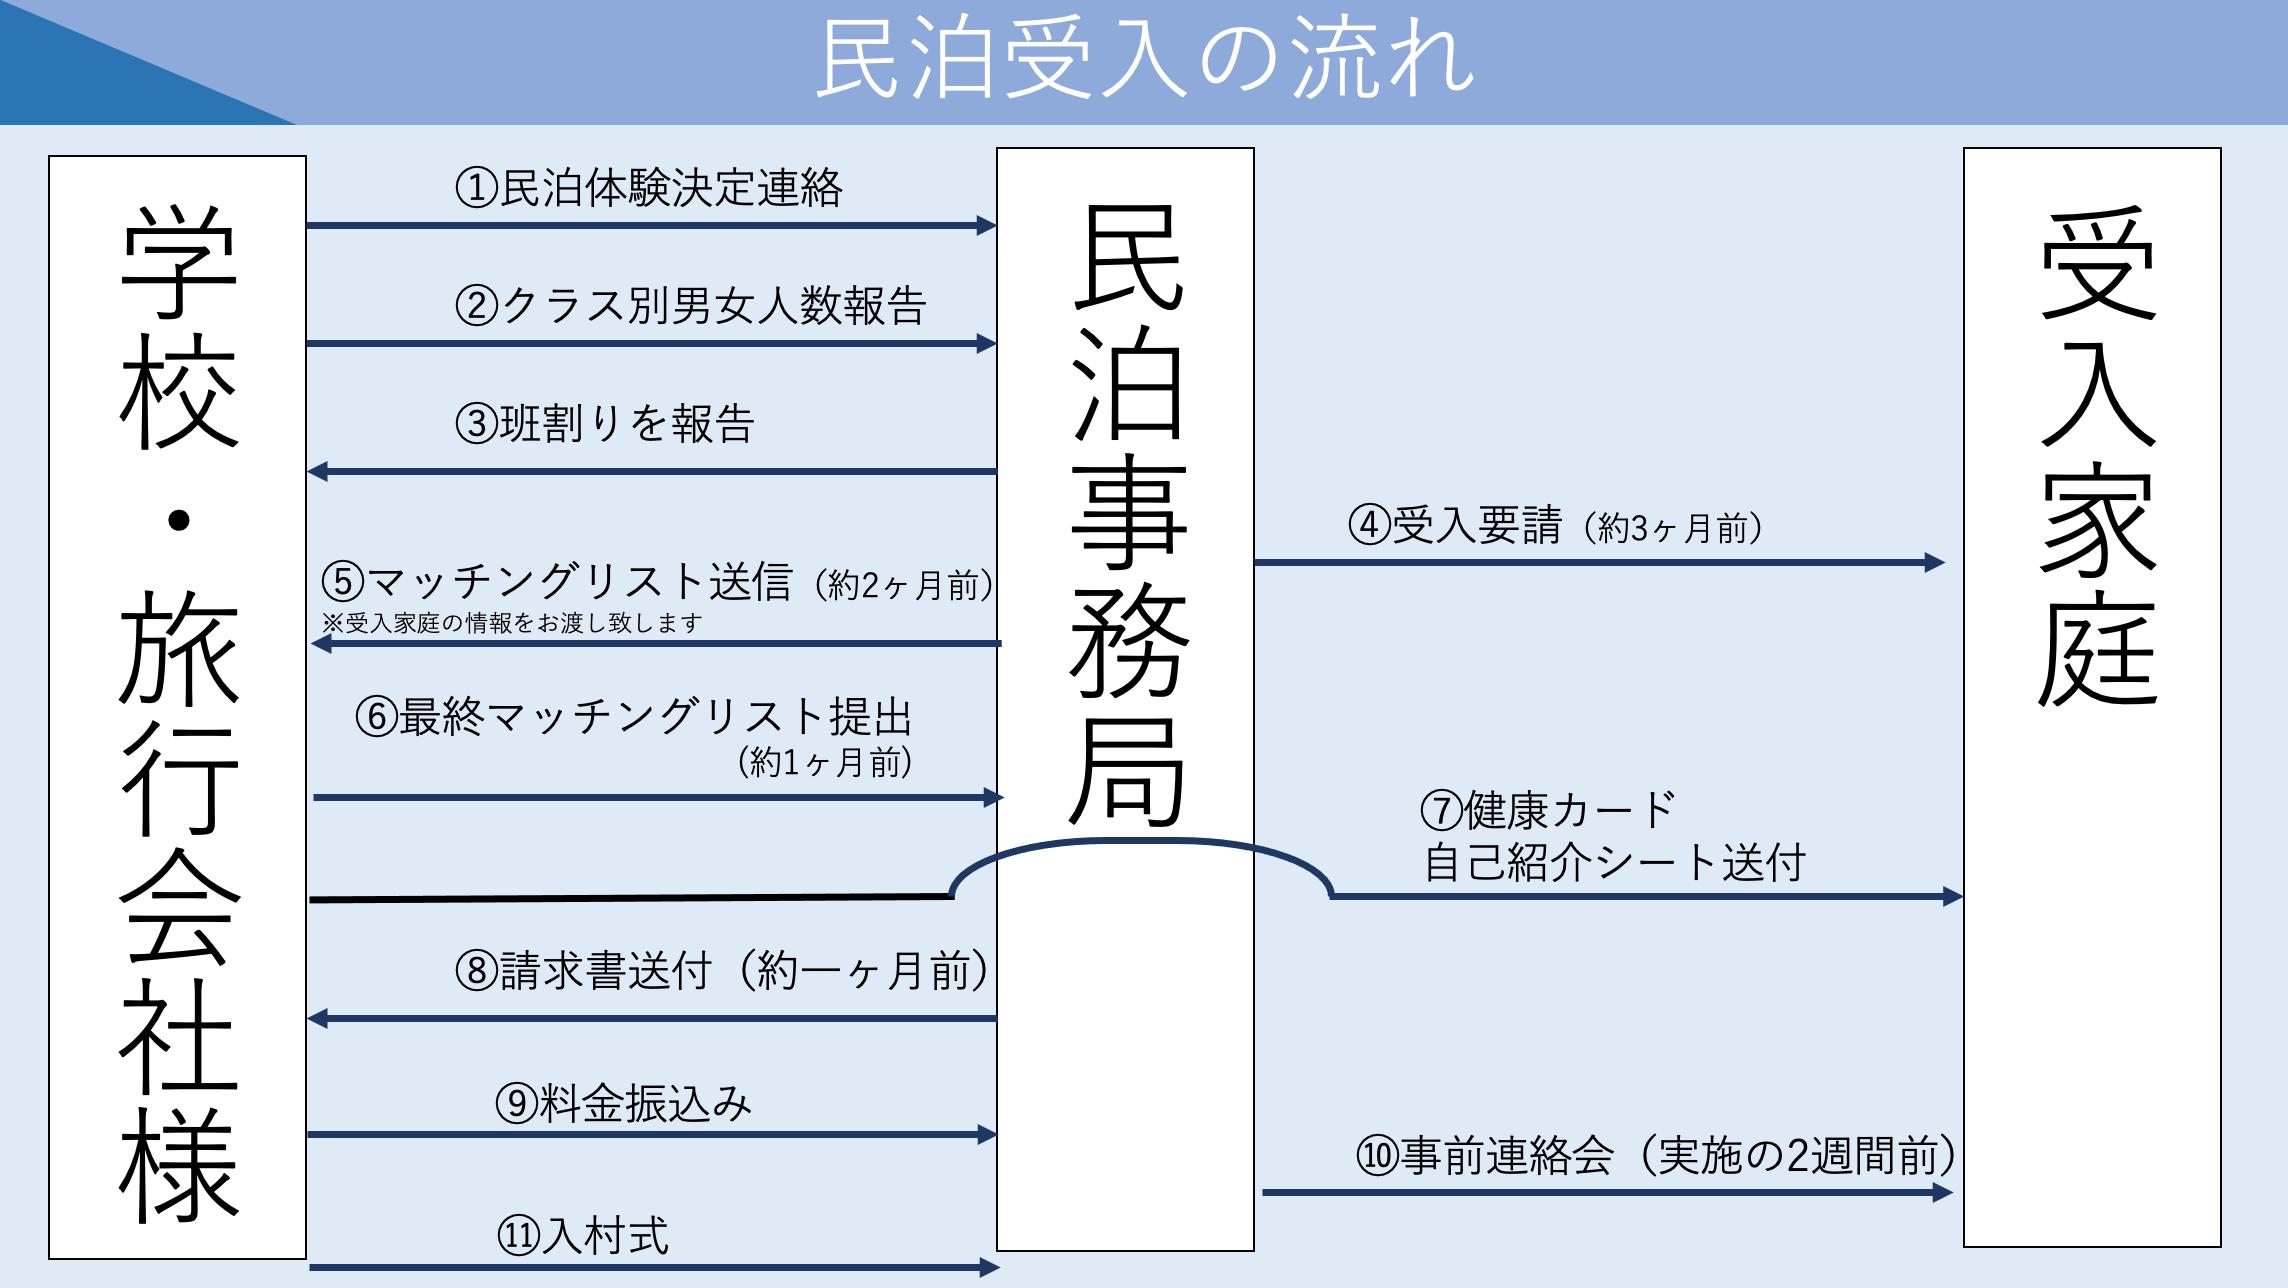 スケジュール詳細